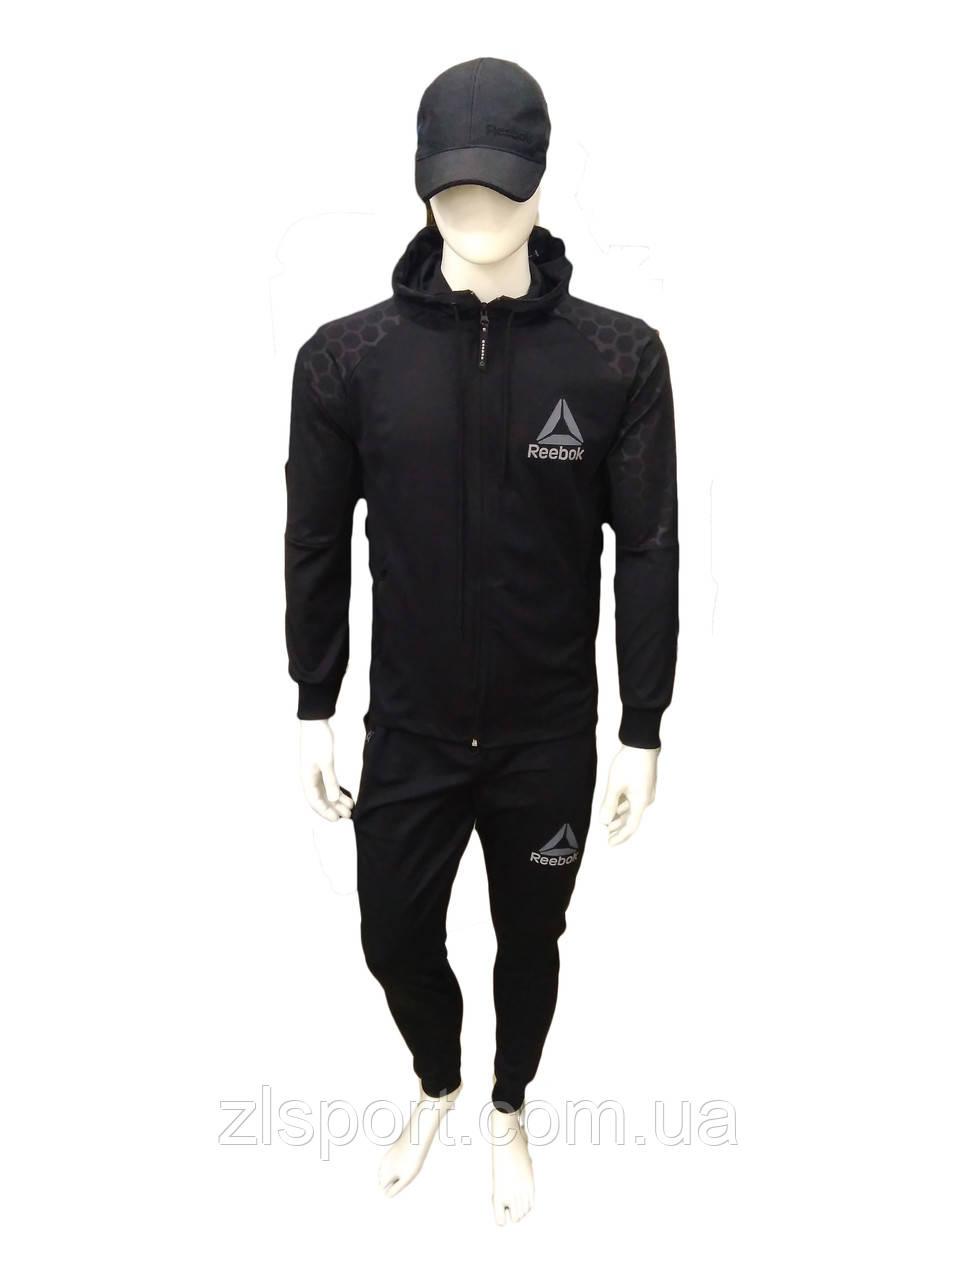 acdb6a538 Мужской спортивный костюм Reebok с капюшоном (Турция) - Интернет магазин спортивной  одежды